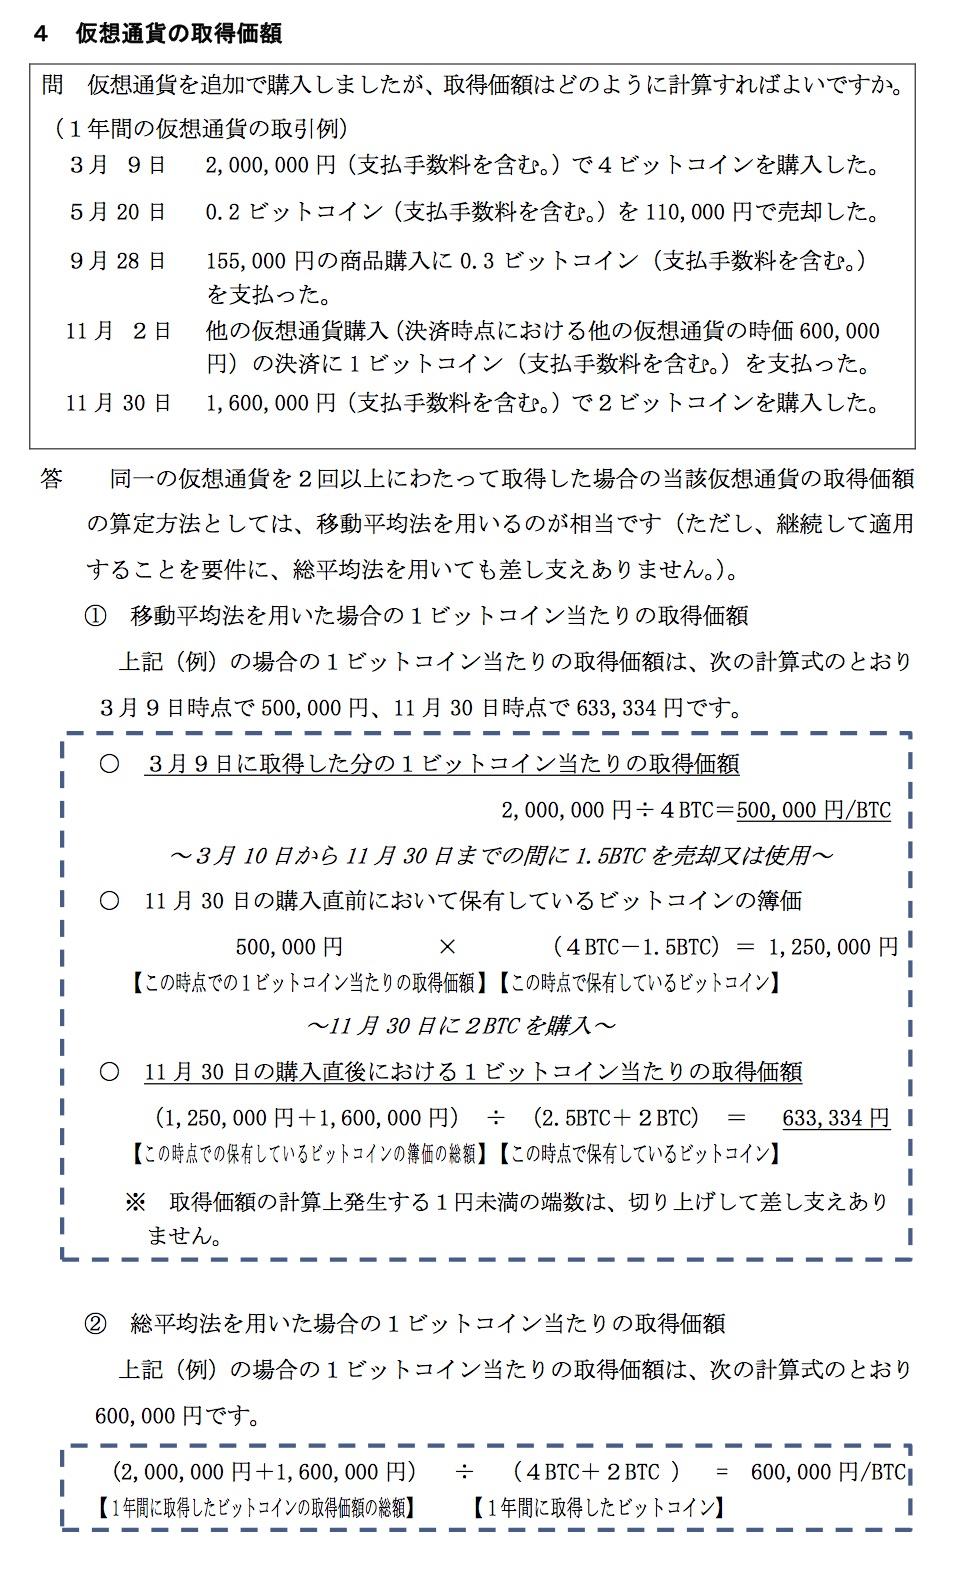 仮想通貨取得価額 国税庁タックスアンサー